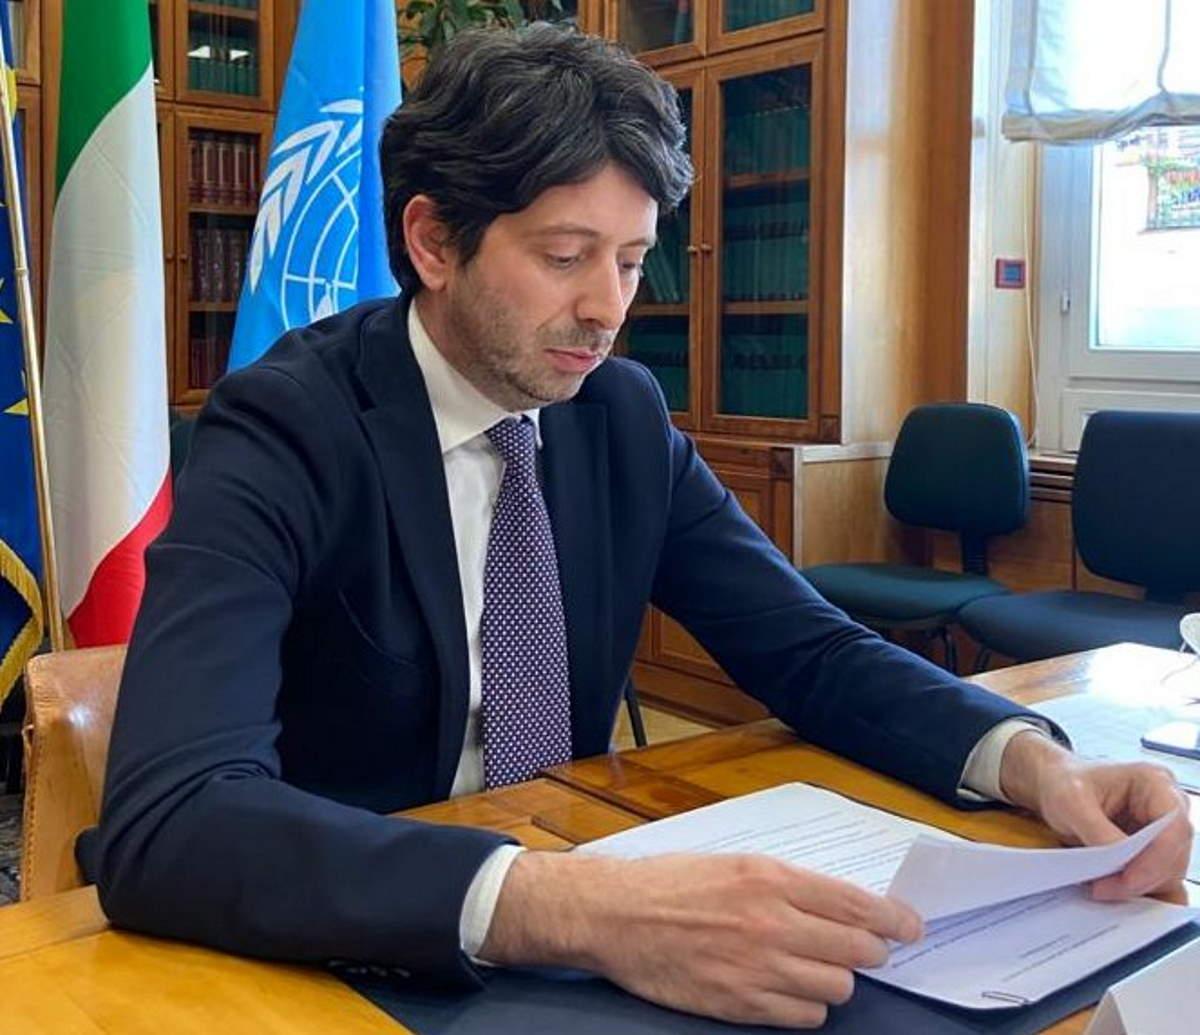 Pandemia, il riepilogo delle aree in cui è suddivisa l'Italia a partire dal 14 febbraio 2021